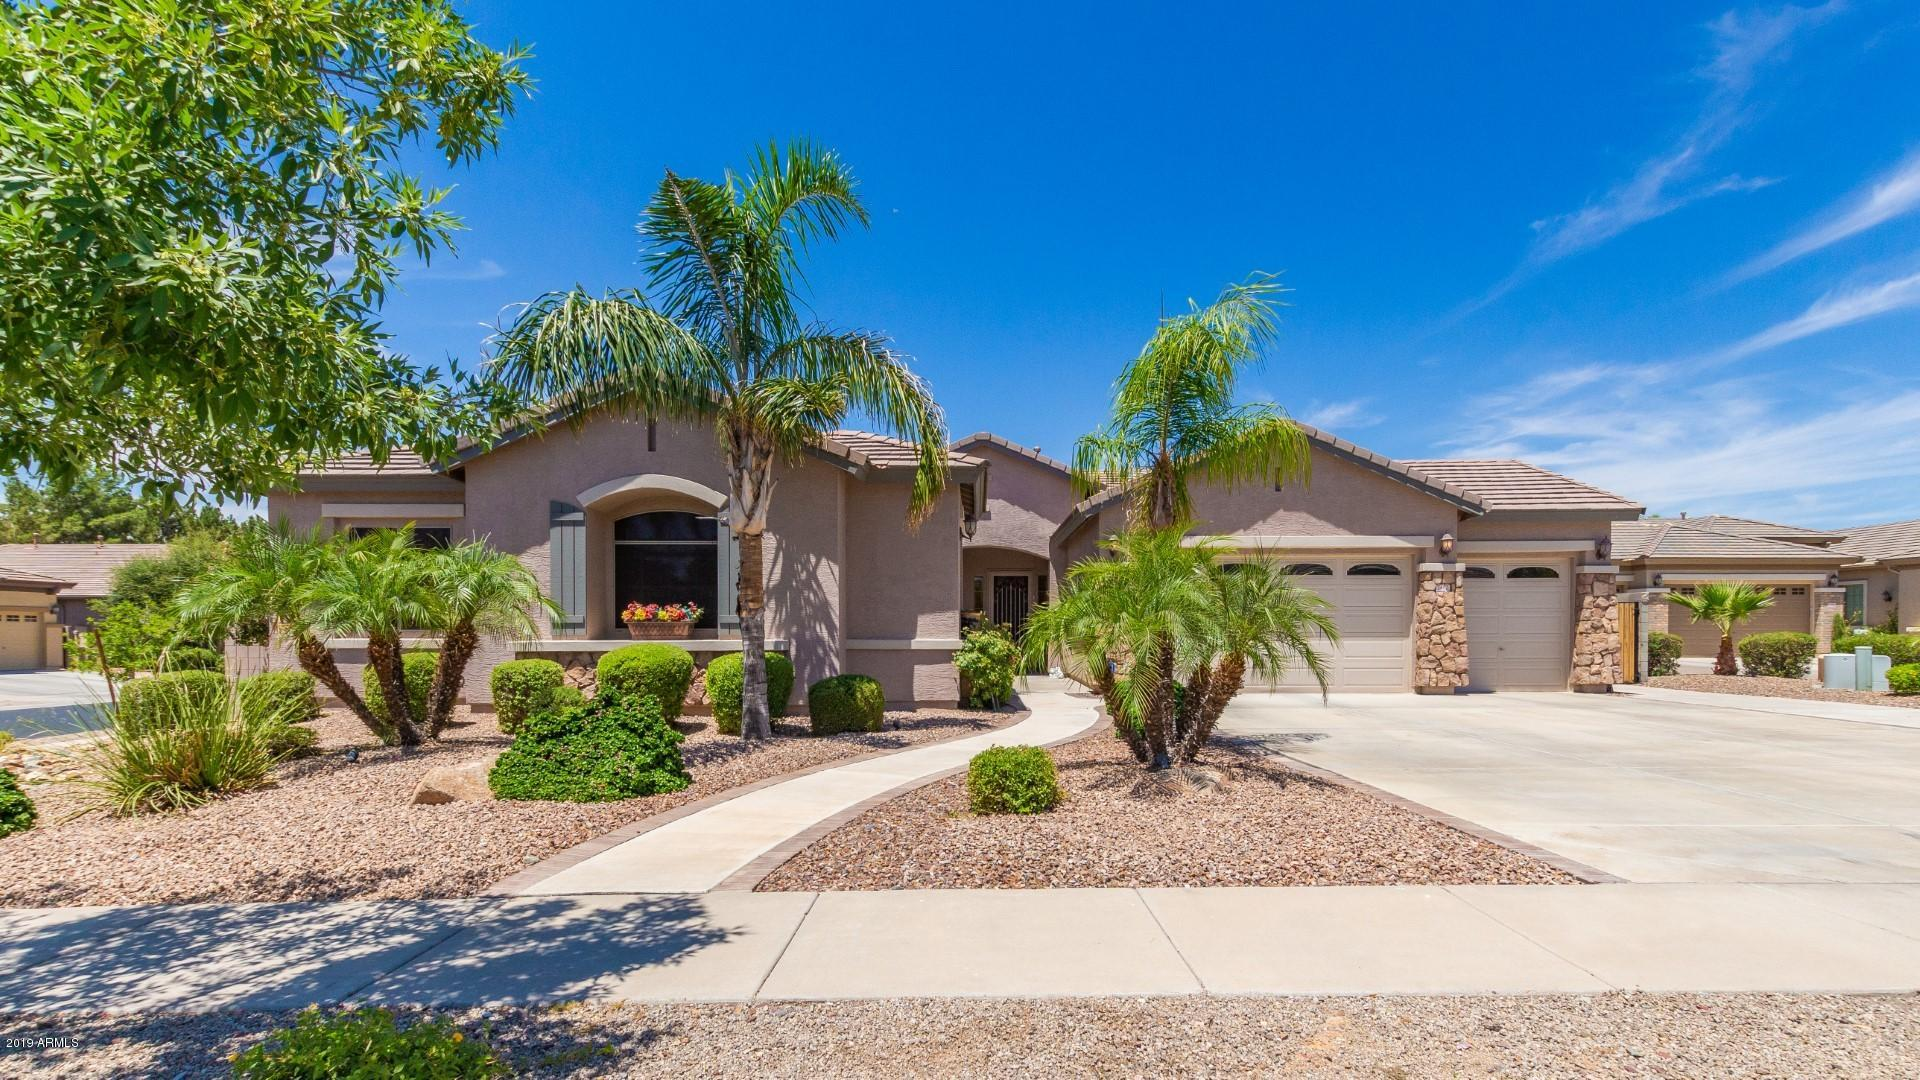 7402 N 83RD Drive, Glendale, Arizona